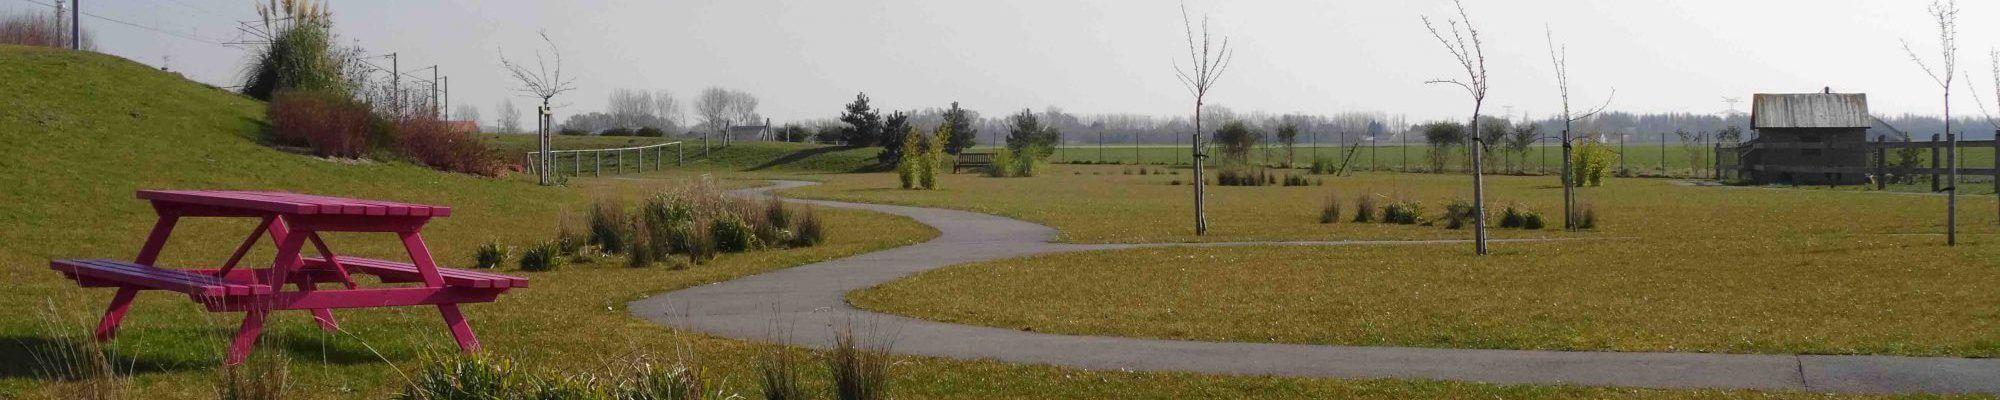 domaine-parc-nature-promenade-maintient-autonomie-ehpad-les-lilas